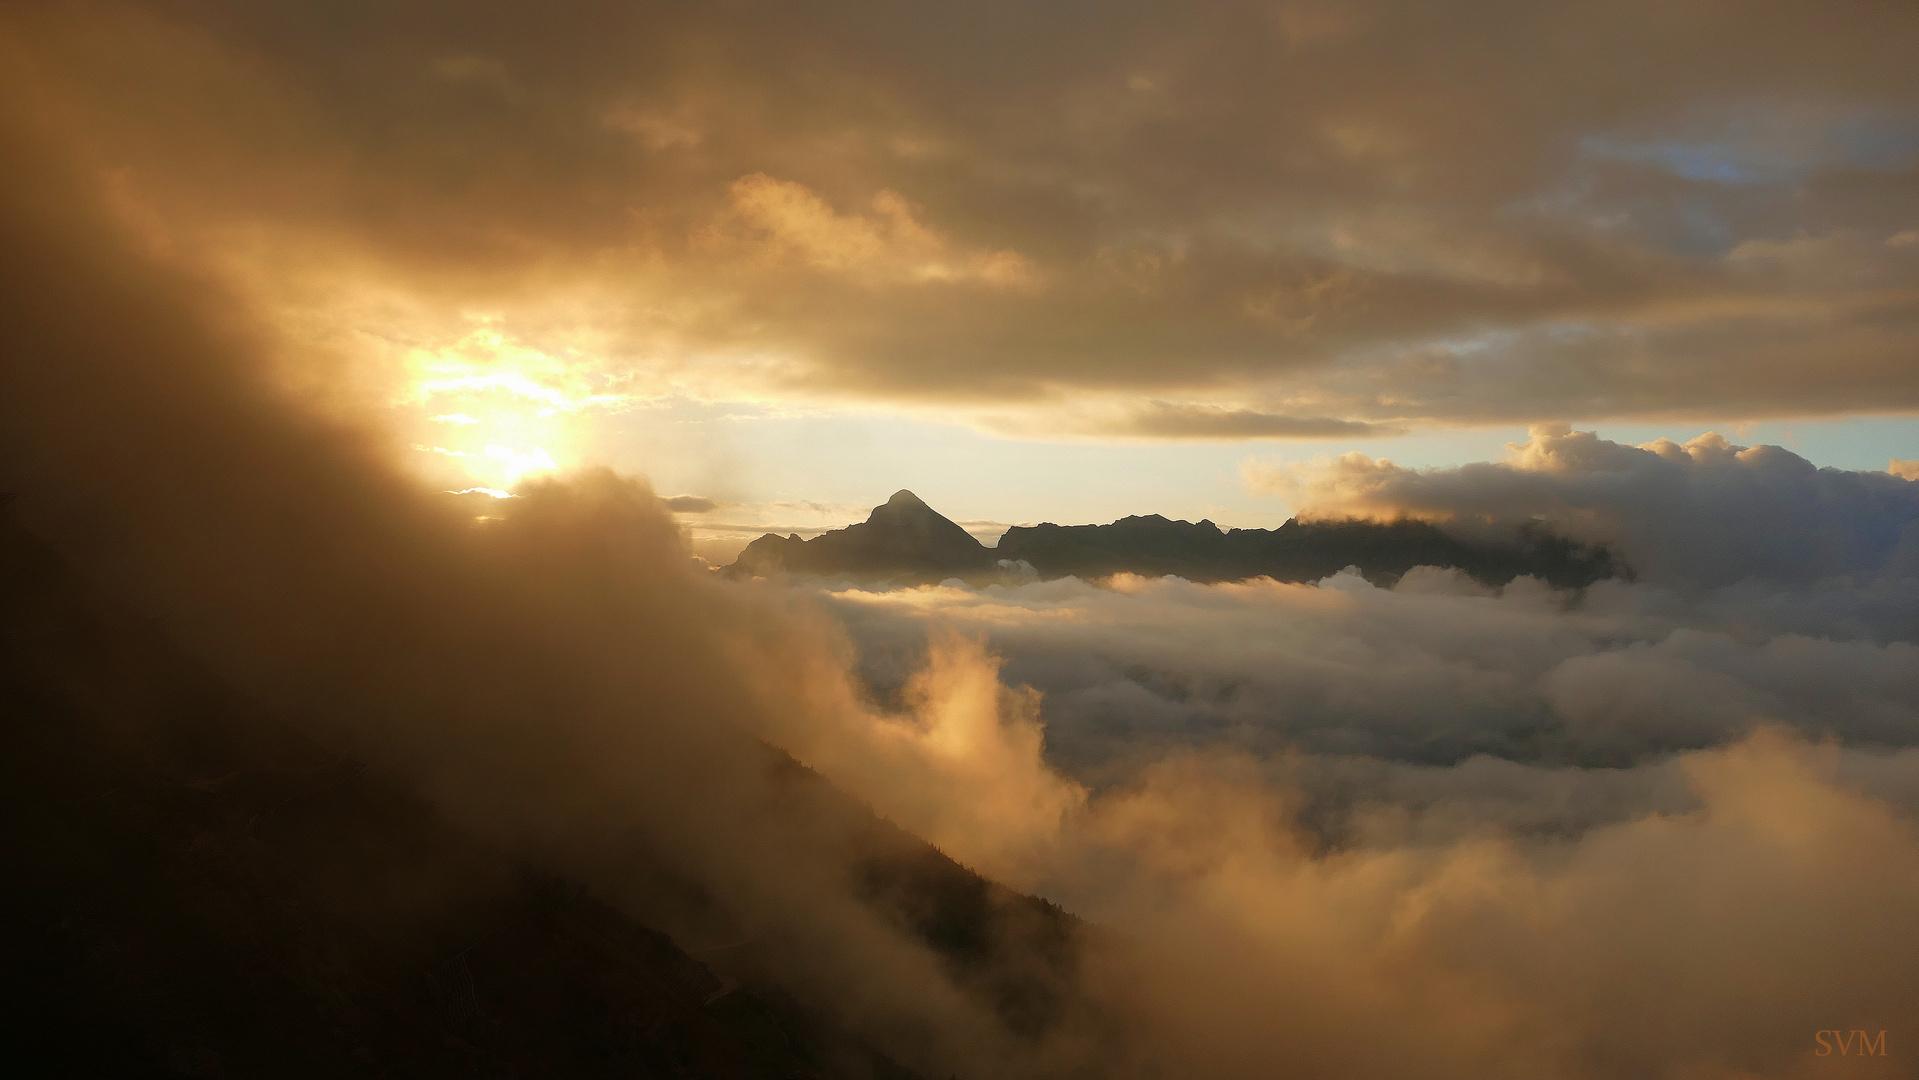 Sonnenaufgang am 24.08.2020 auf der Starkenburger Hütte im Stubaital